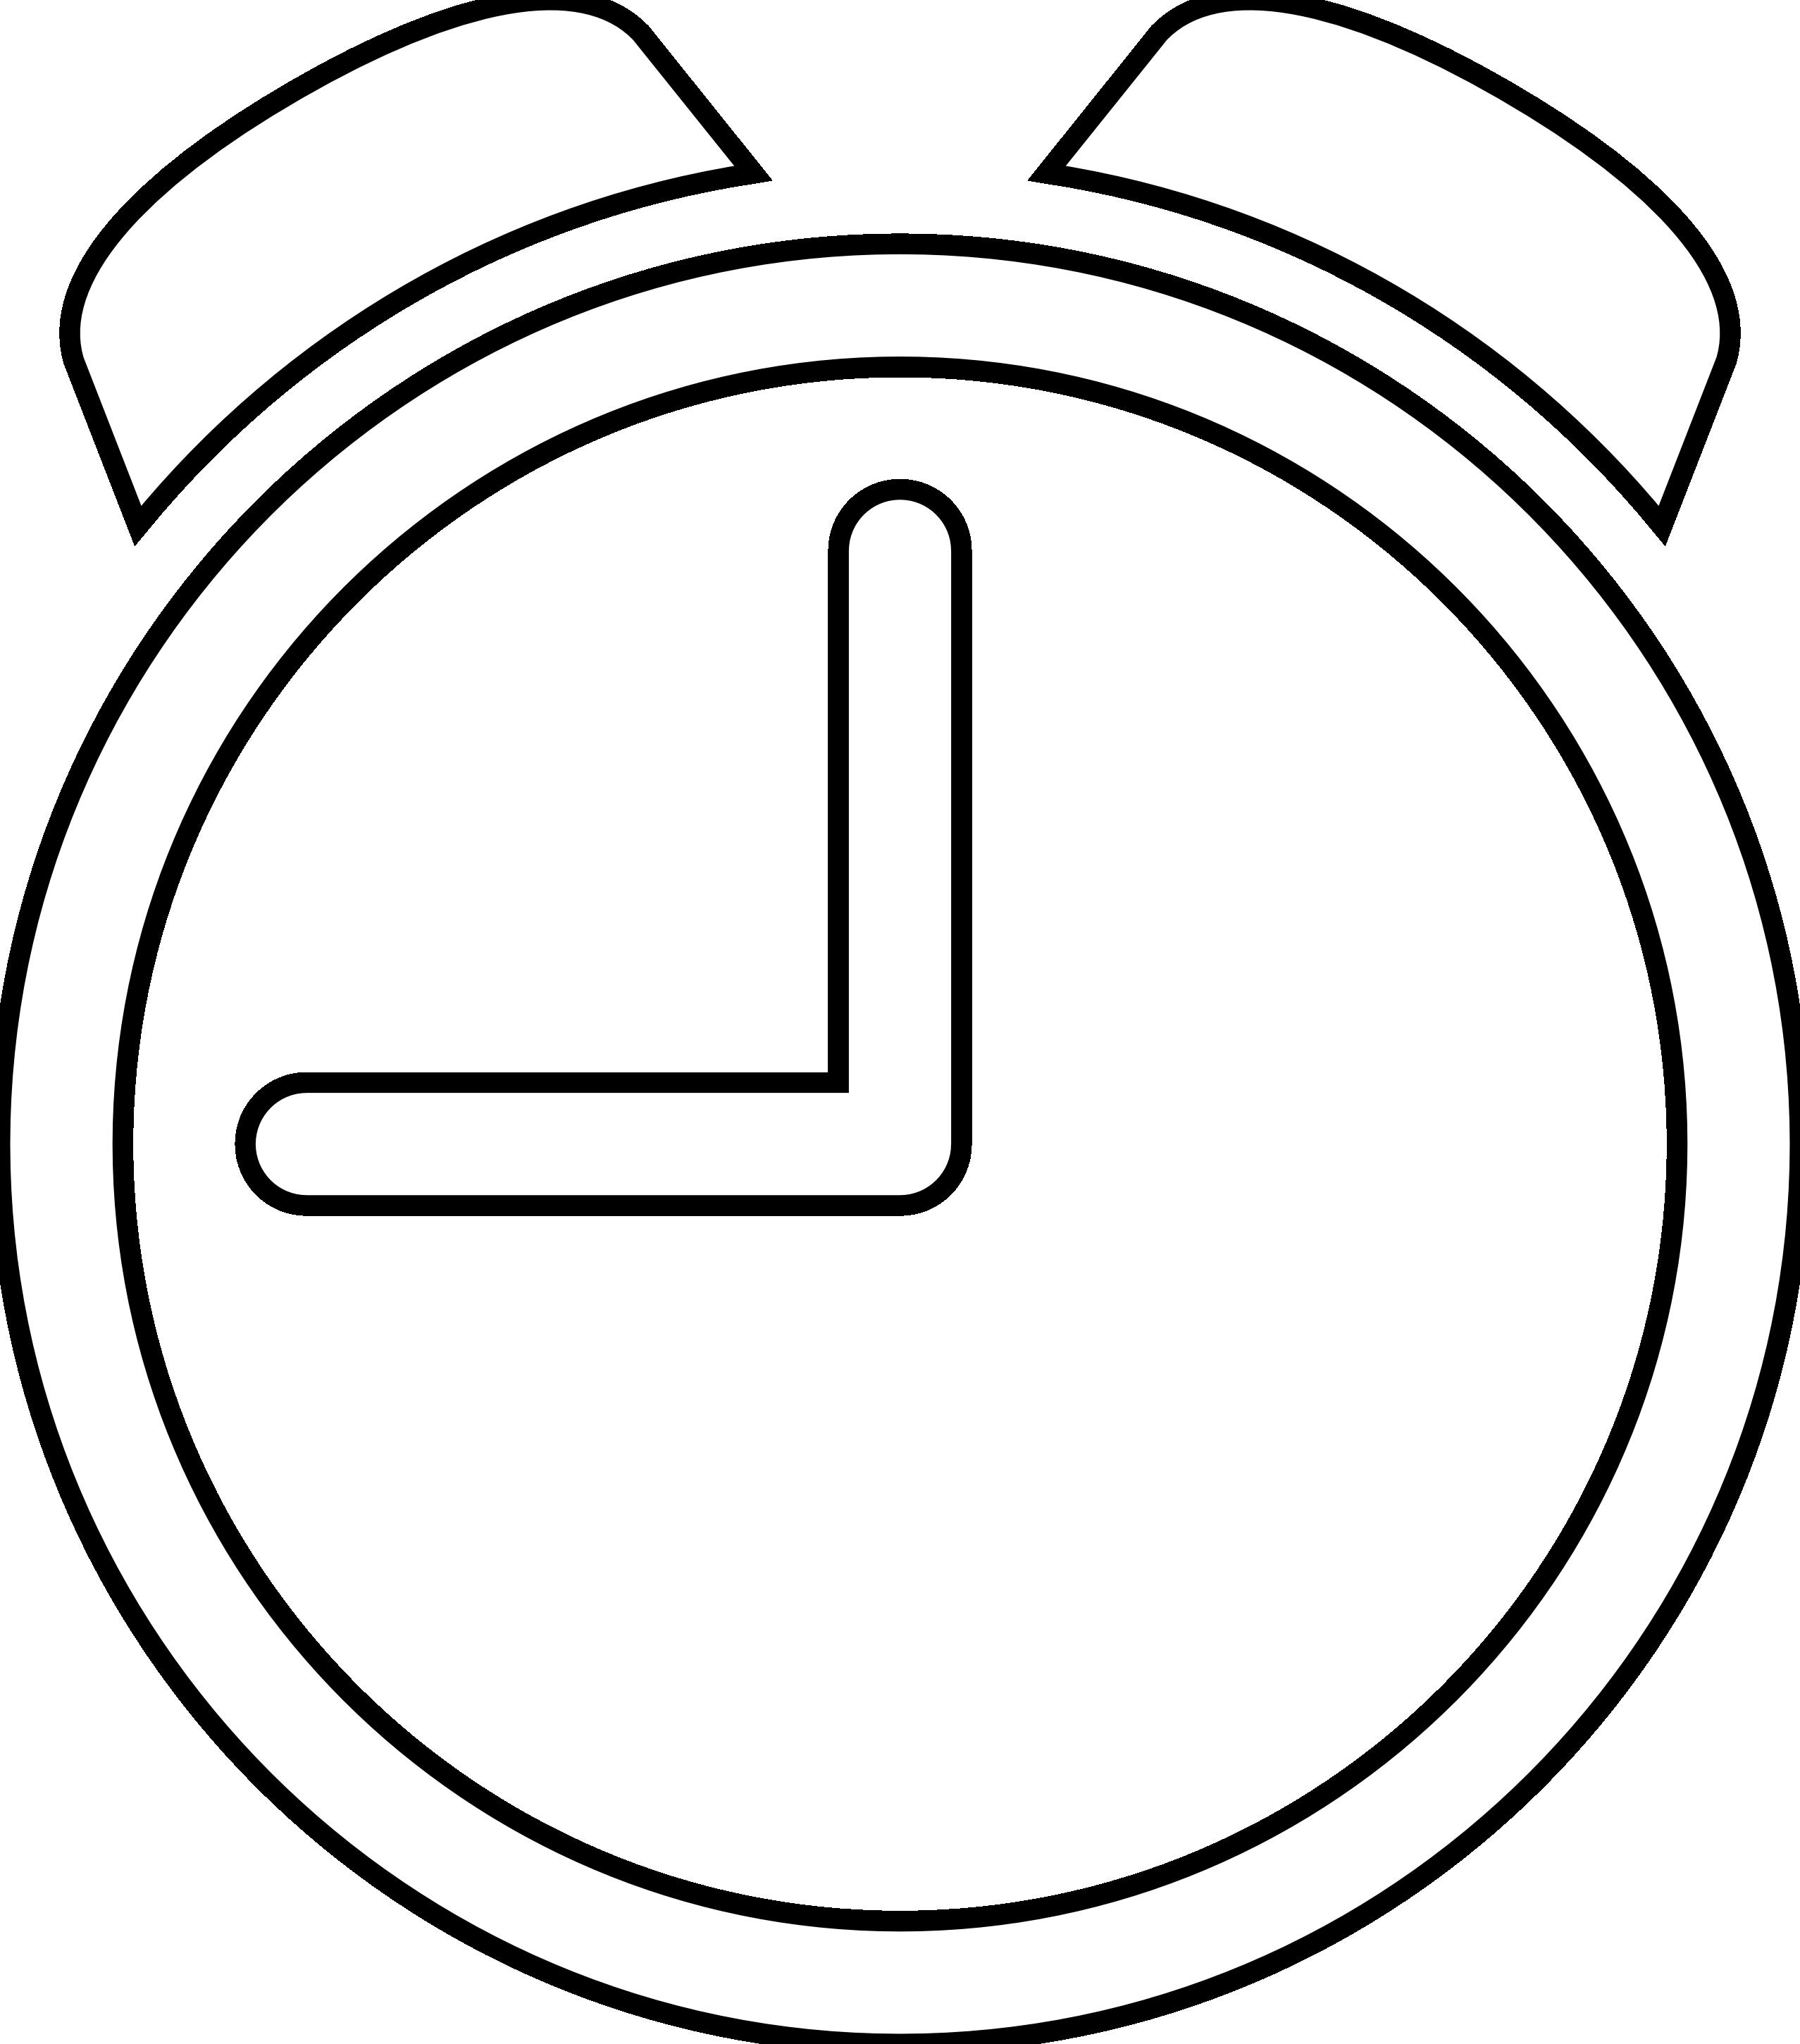 Clock Clip Art - ClipArt Best